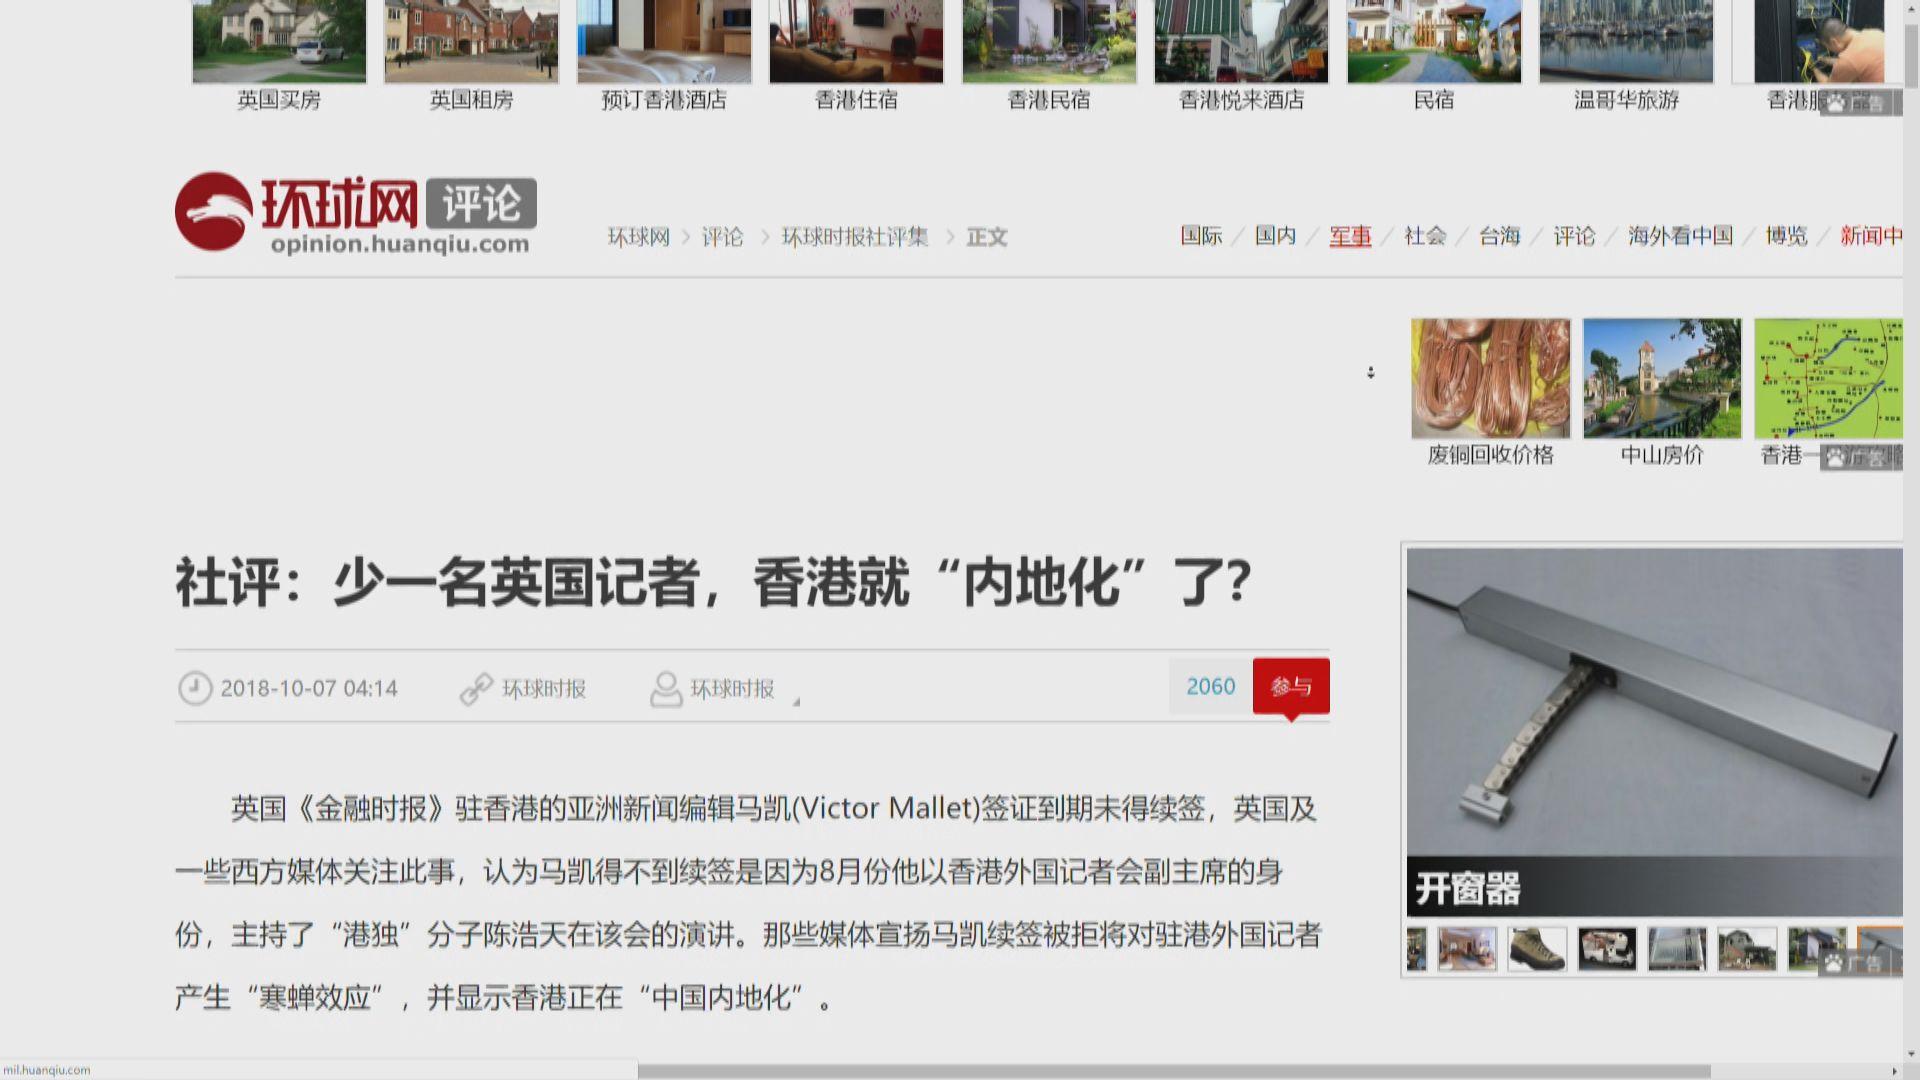 環球時報:少一名記者不會損香港言論自由